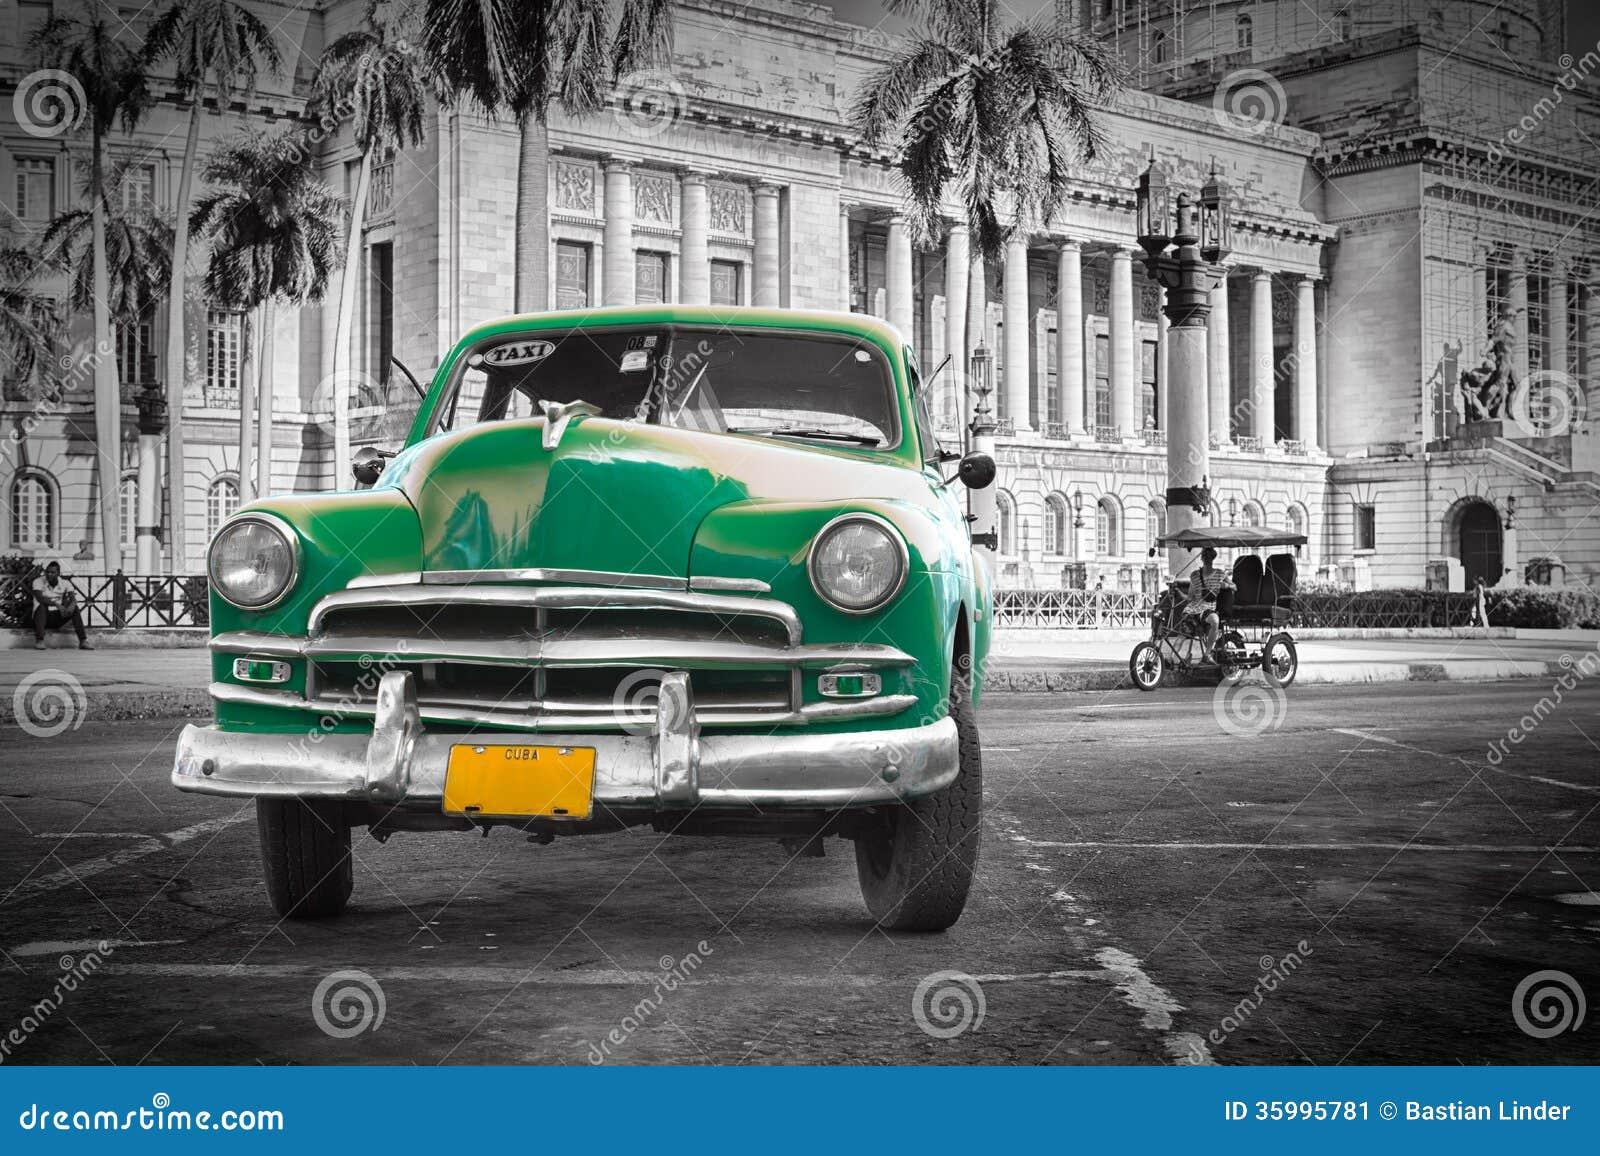 vieille voiture verte au capitol havanna cuba image stock image du vert vieux 35995781. Black Bedroom Furniture Sets. Home Design Ideas